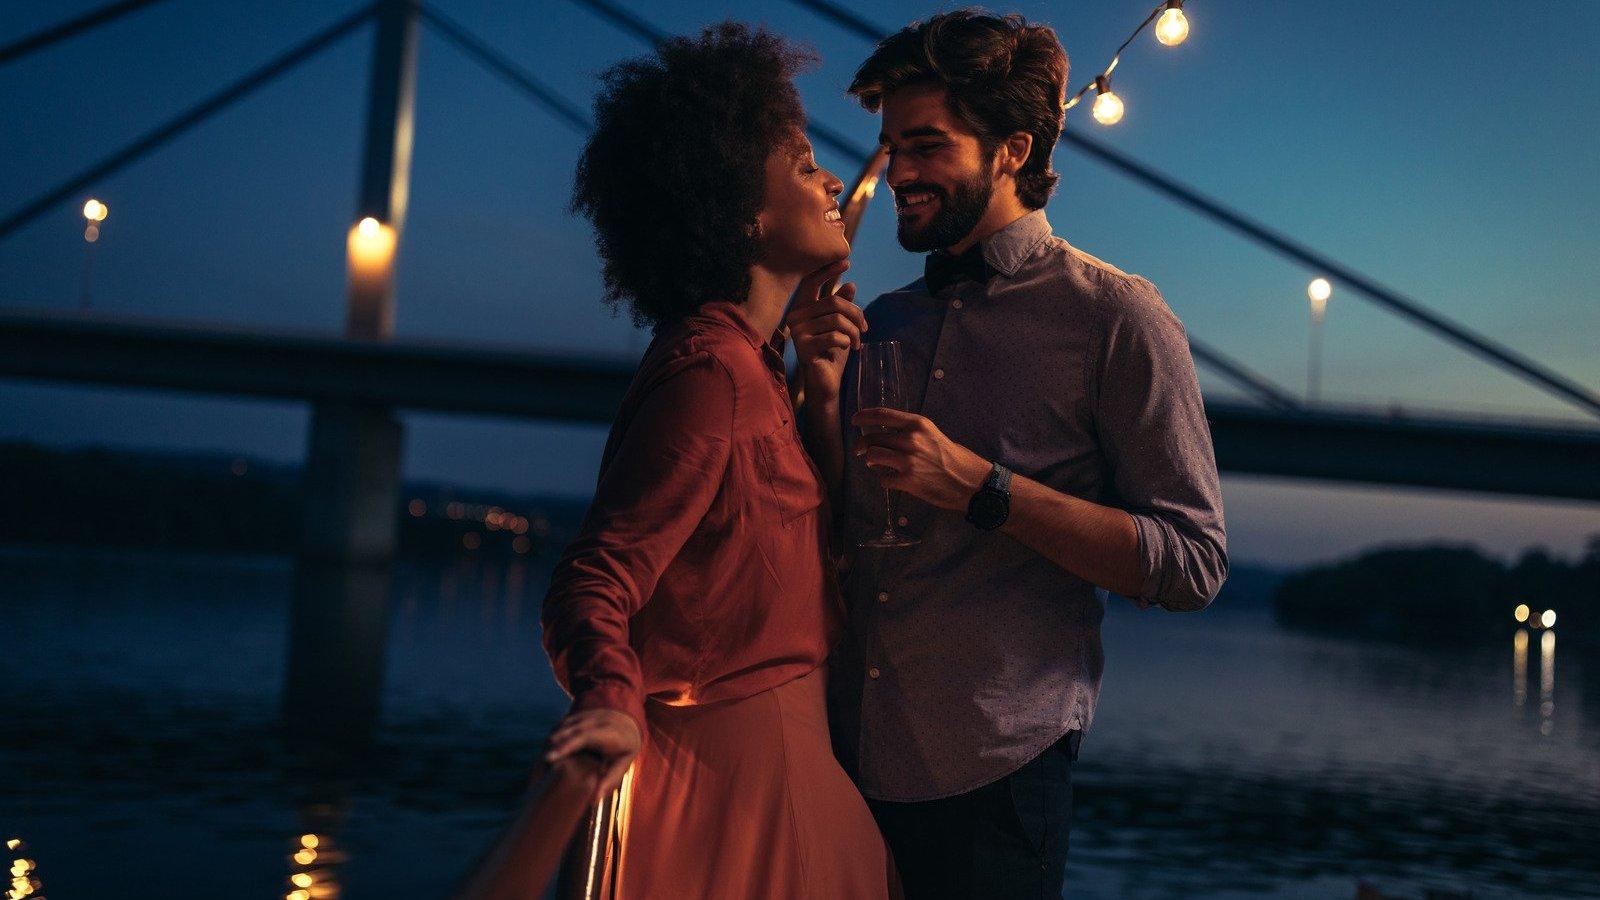 Homem branco e mulher negra abraçados num barco durante a noite.